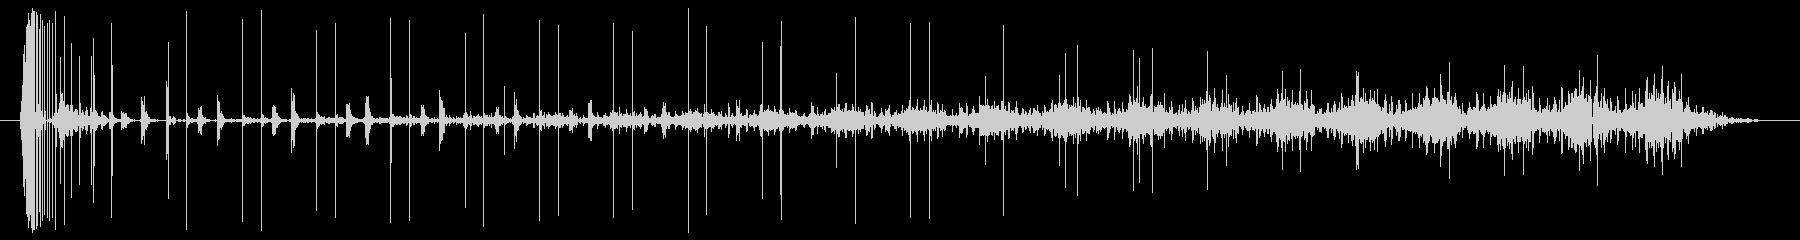 ノイズ 途切れるノイズのうねり02の未再生の波形